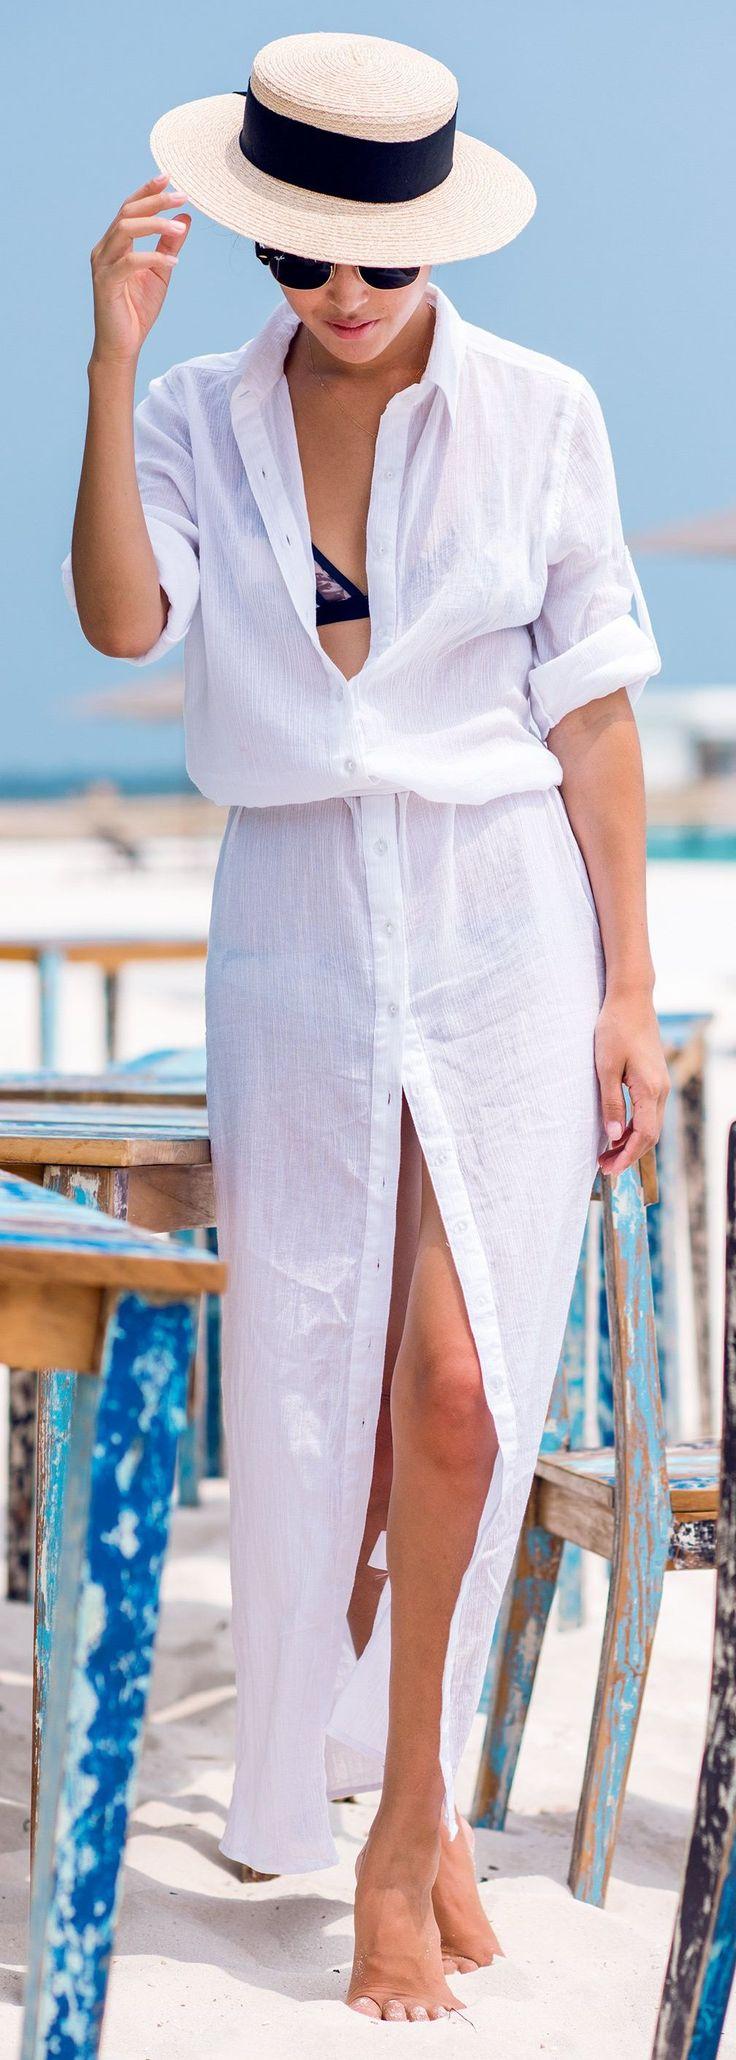 Long Shirt Dress Beach Style by Gary Pepper